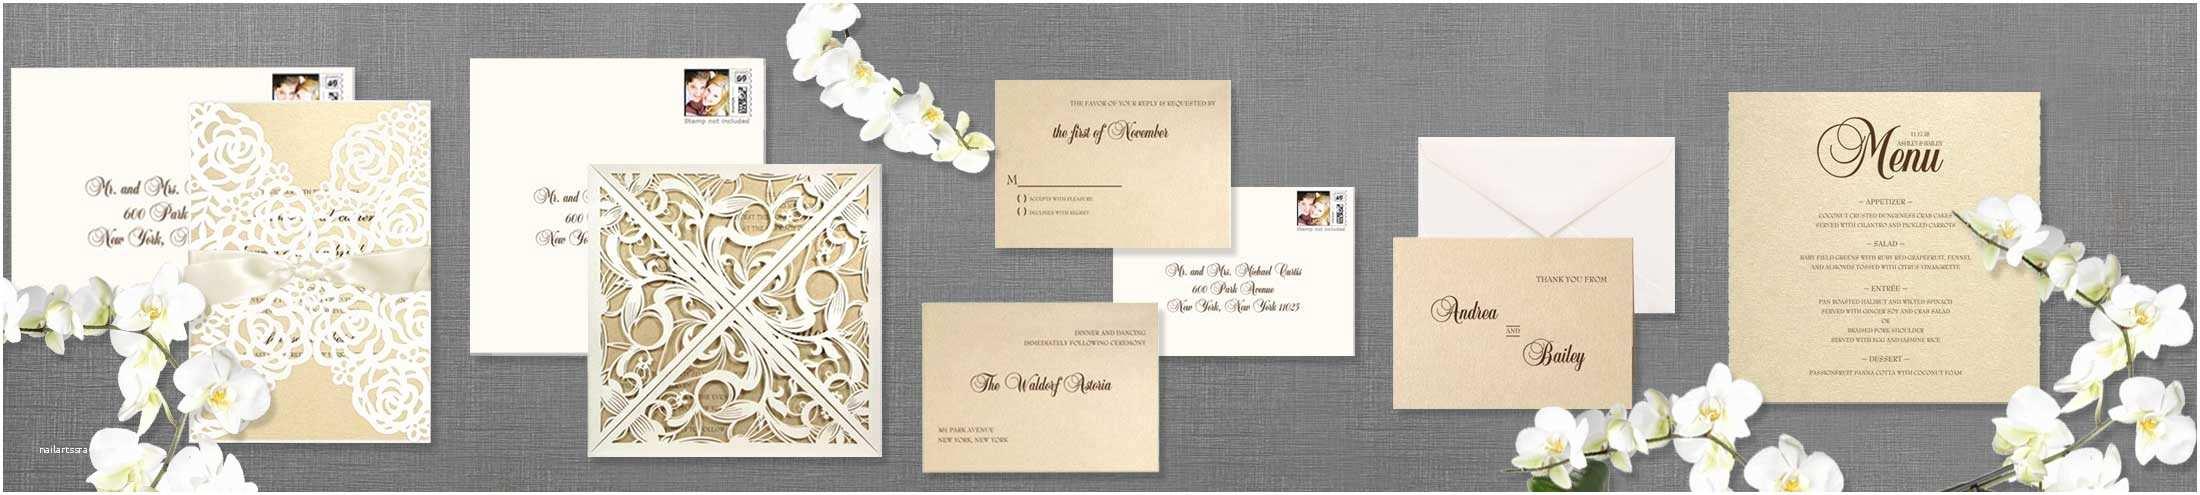 Storkie Wedding Invitations Baby Shower Invitations Wedding Invitations Bridal